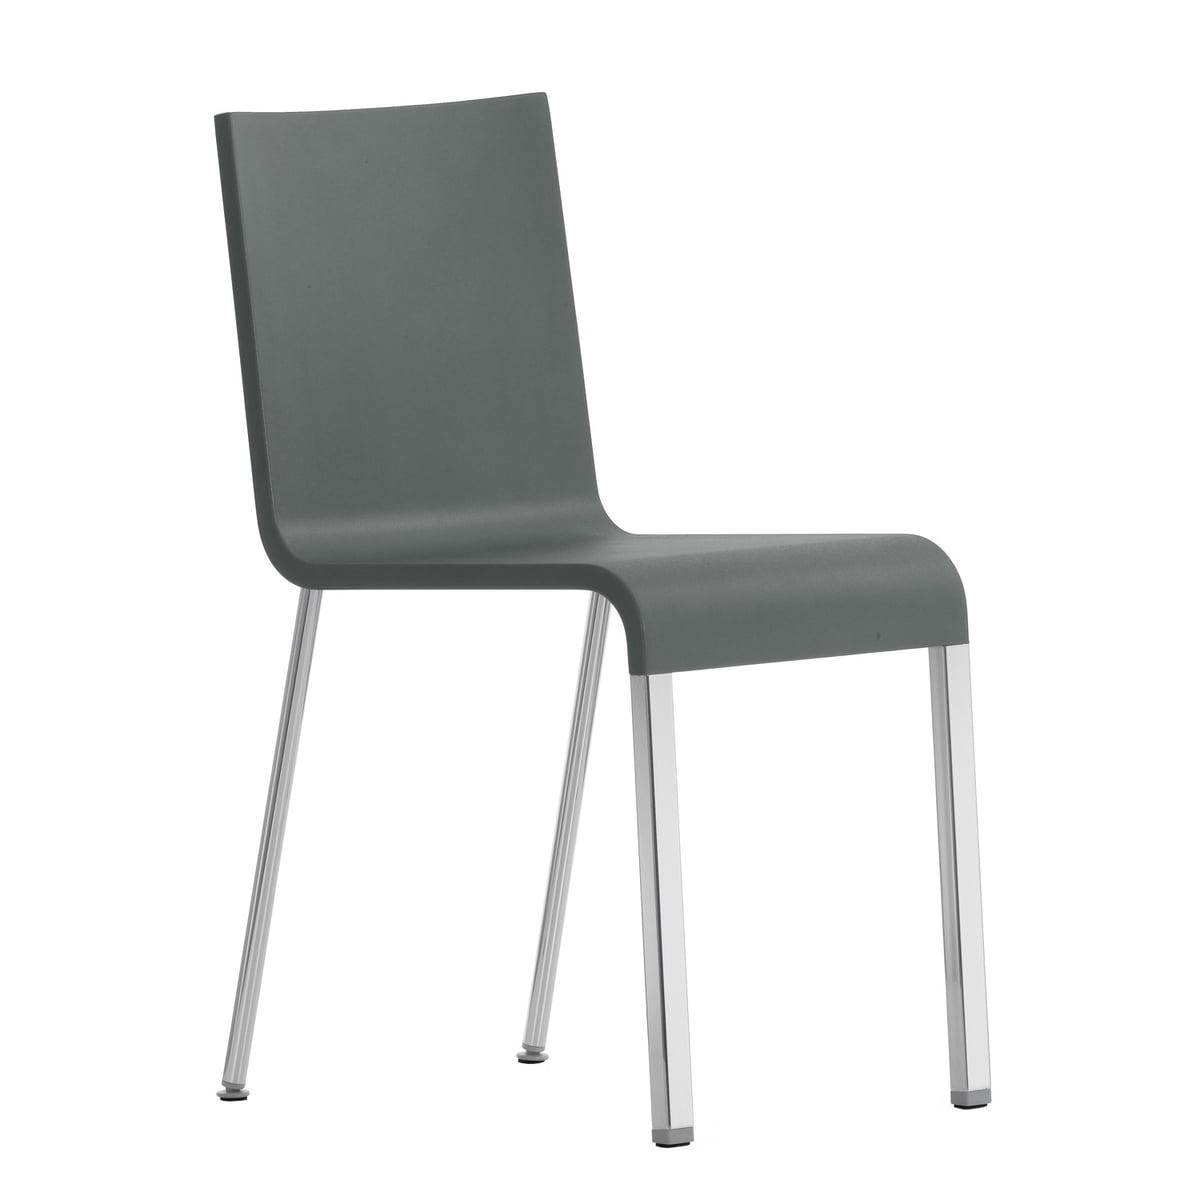 chaise vitra 03 connox design